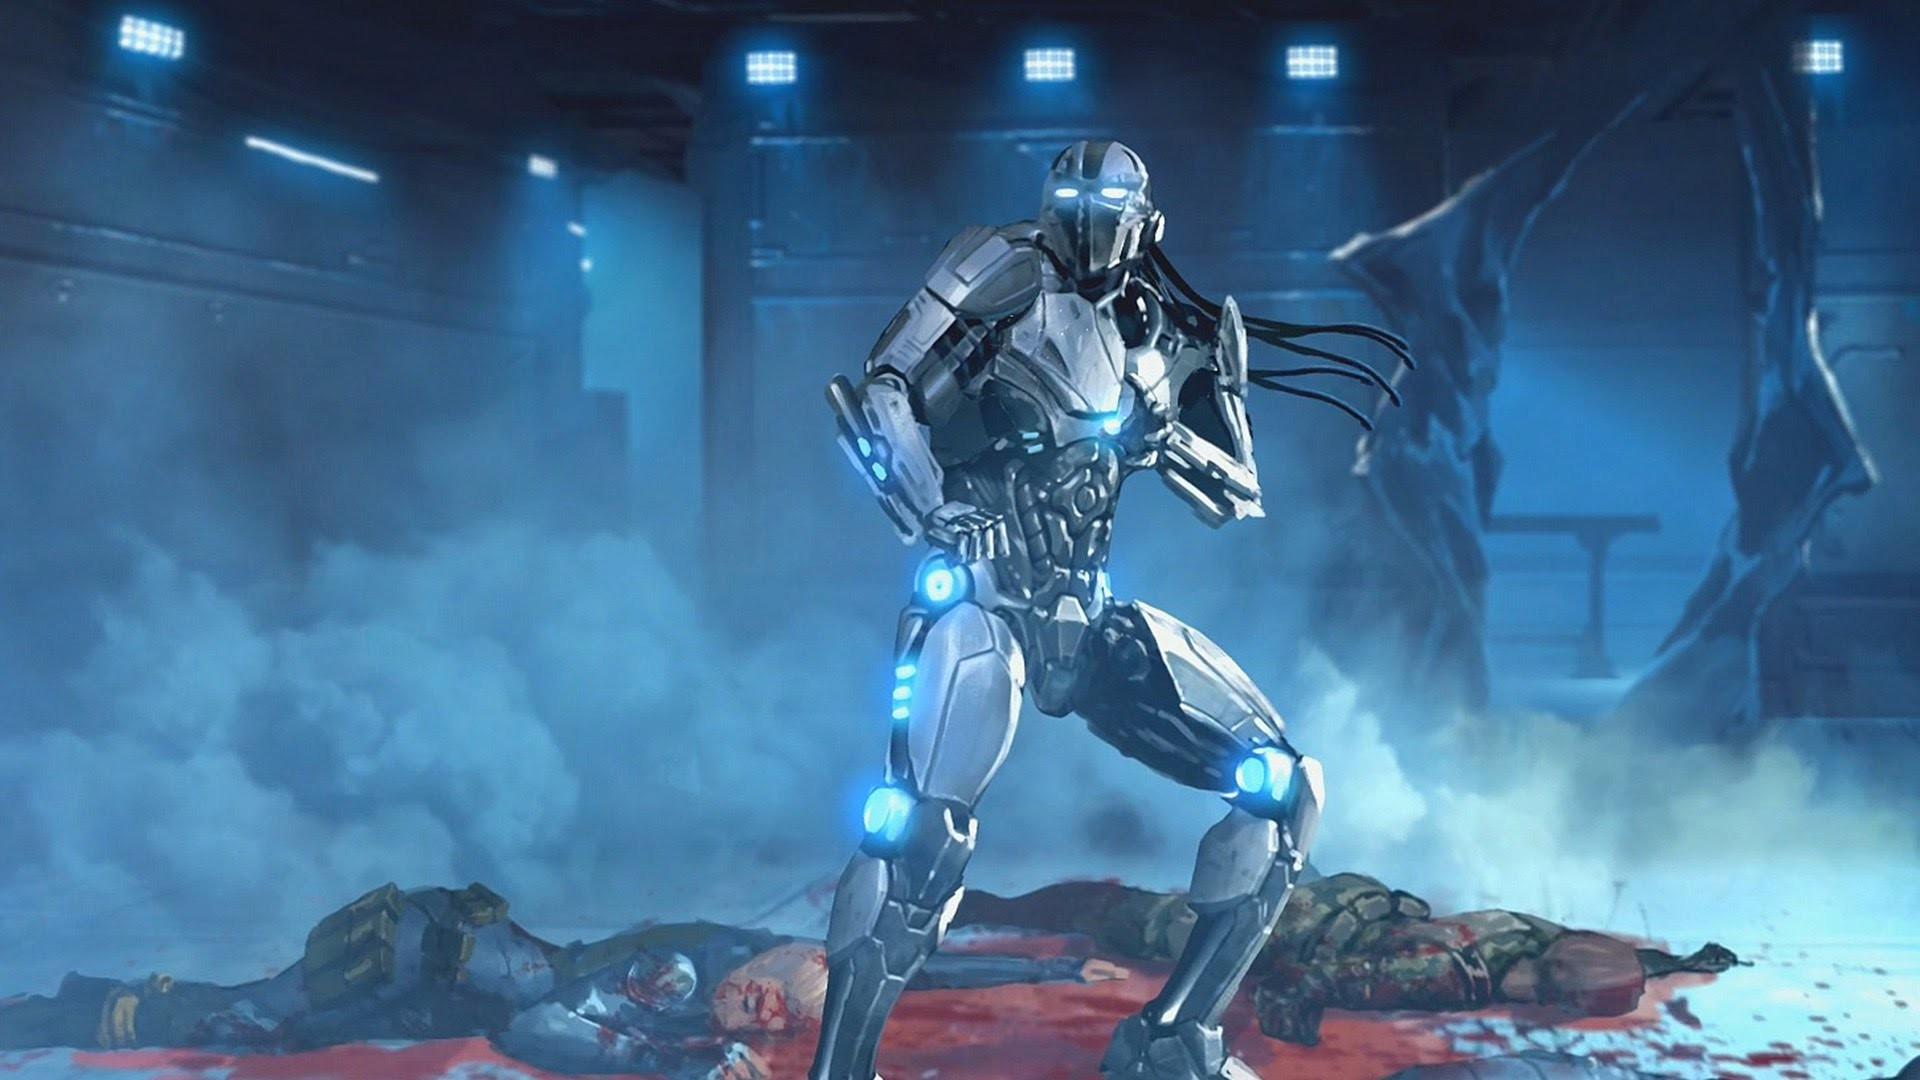 Mortal Kombat X-XLL DLC – Triborg/Tri-Borg (Klassic Tower) Arcade Story  Ending (1080p – HD)